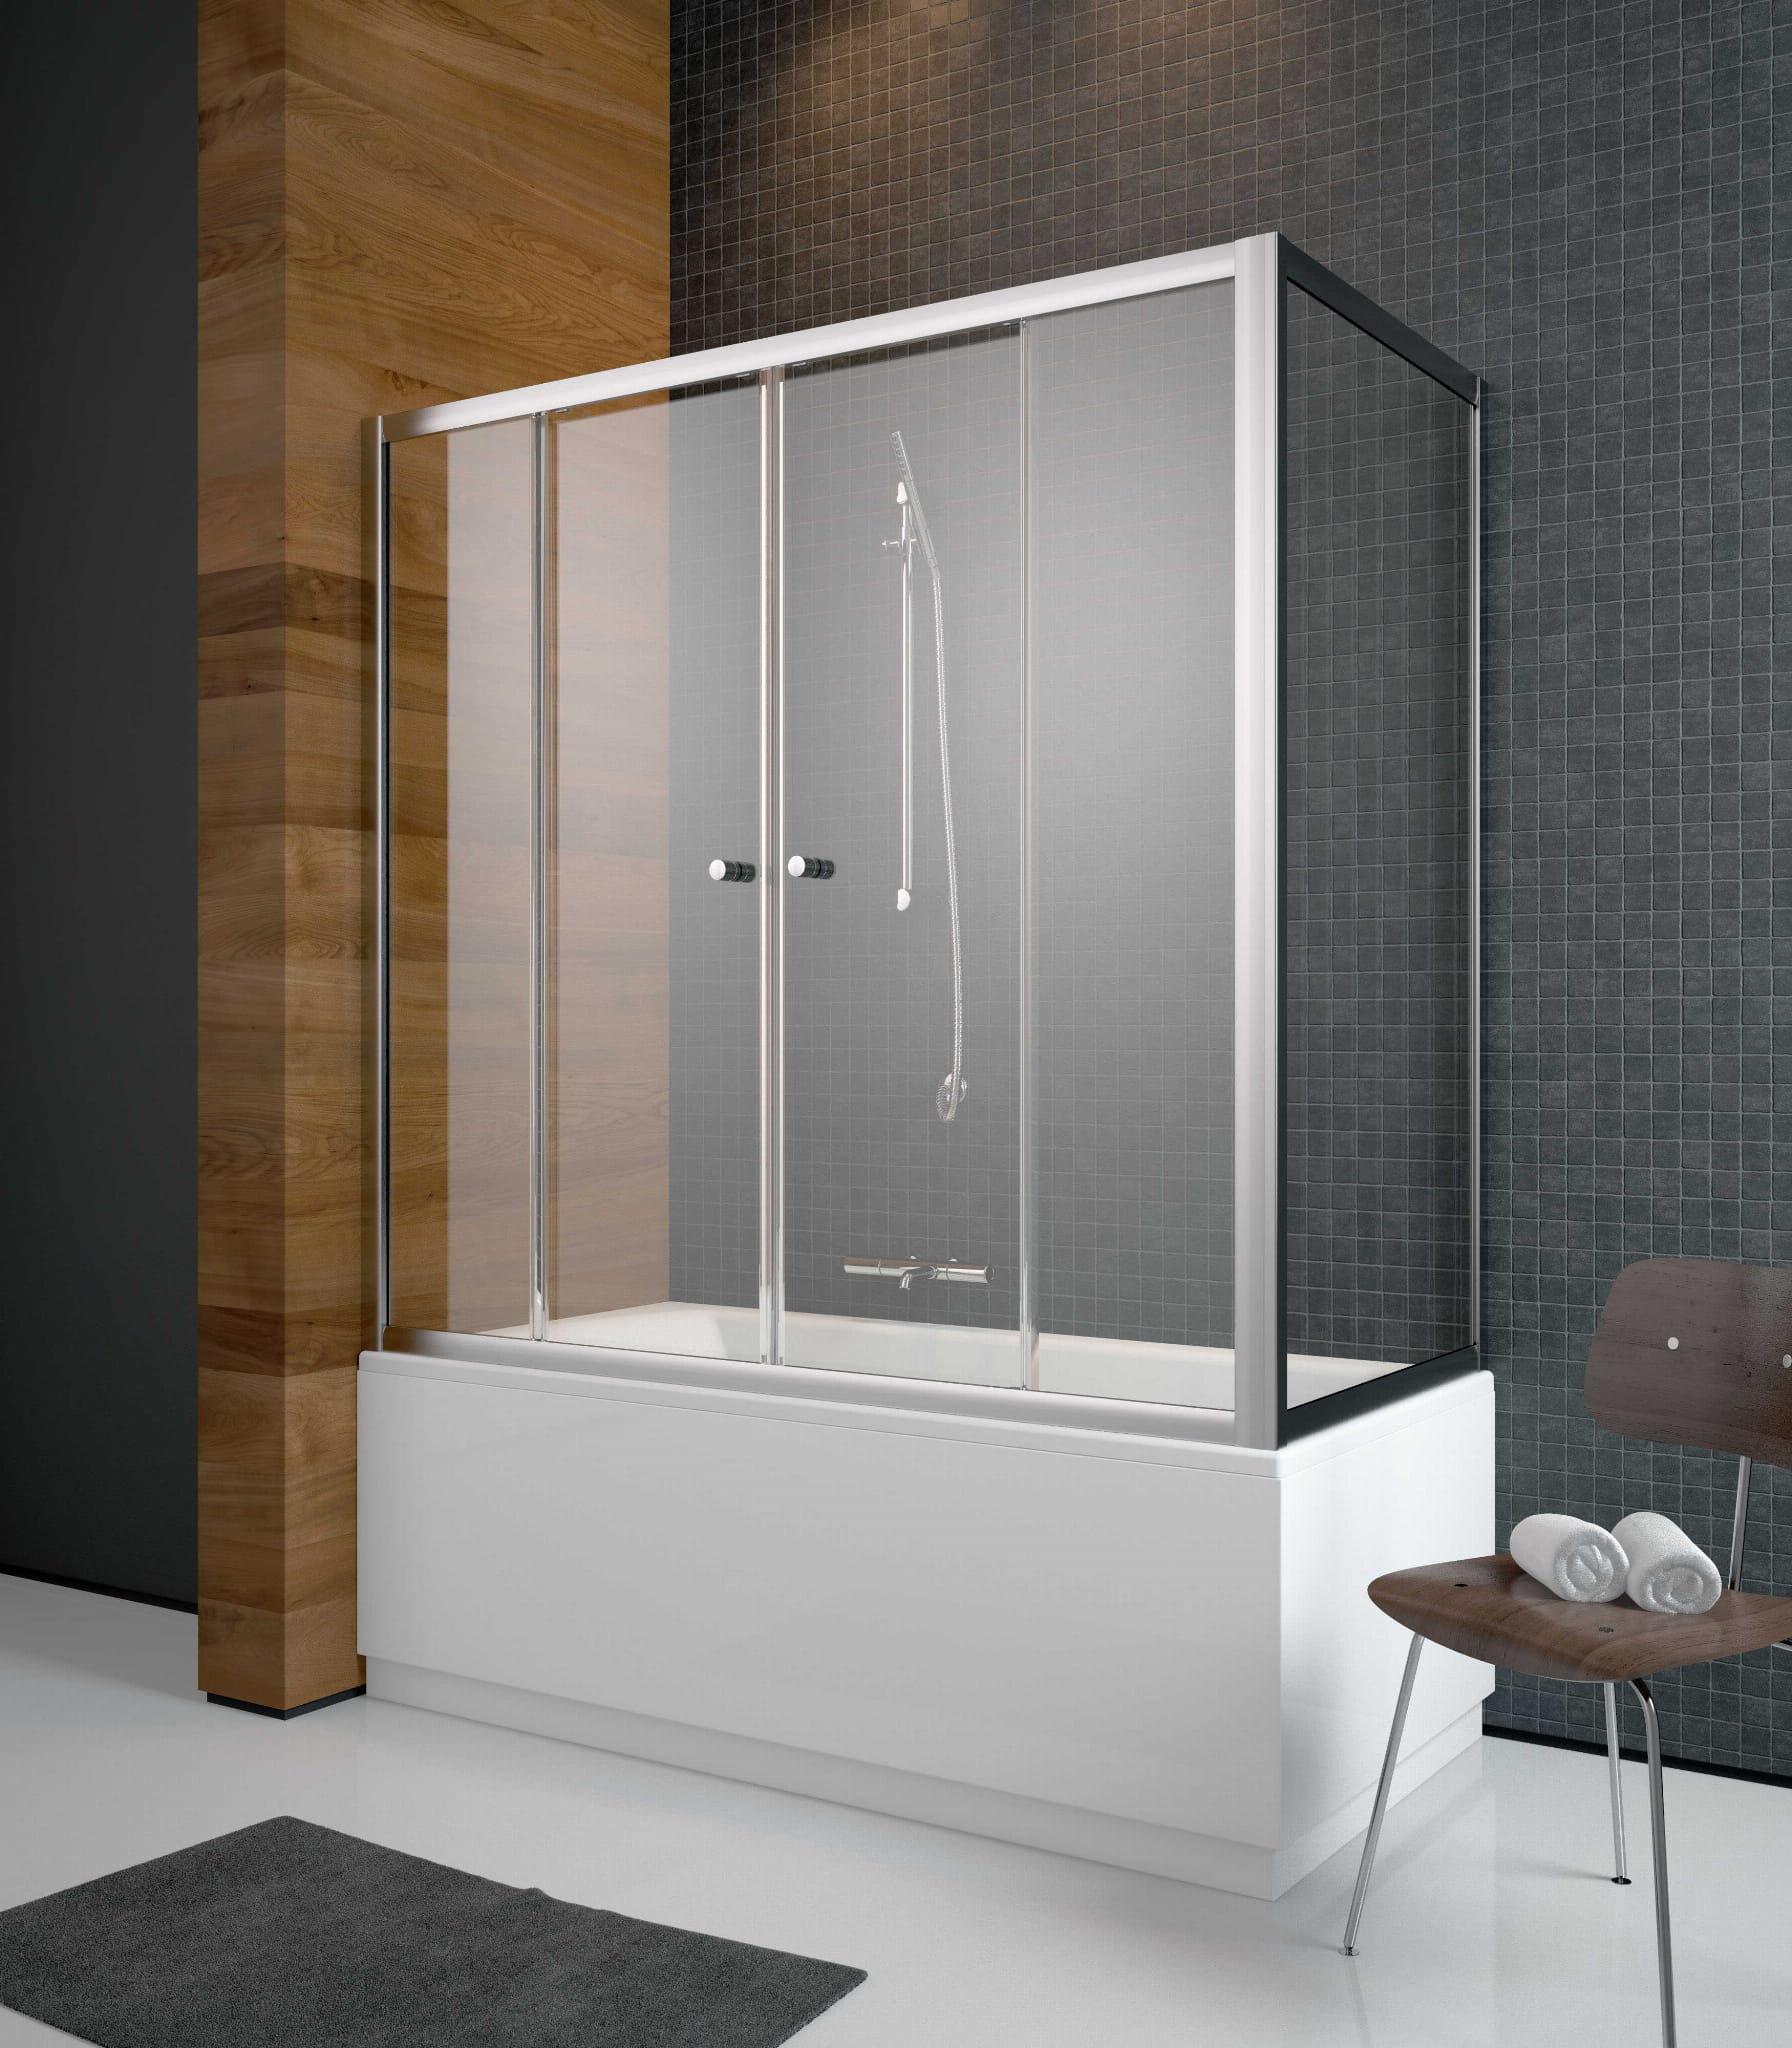 Radaway zabudowa nawannowa Vesta DWD+S 170 x 65, szkło przejrzyste, wys. 150 cm 203170-01/204065-01